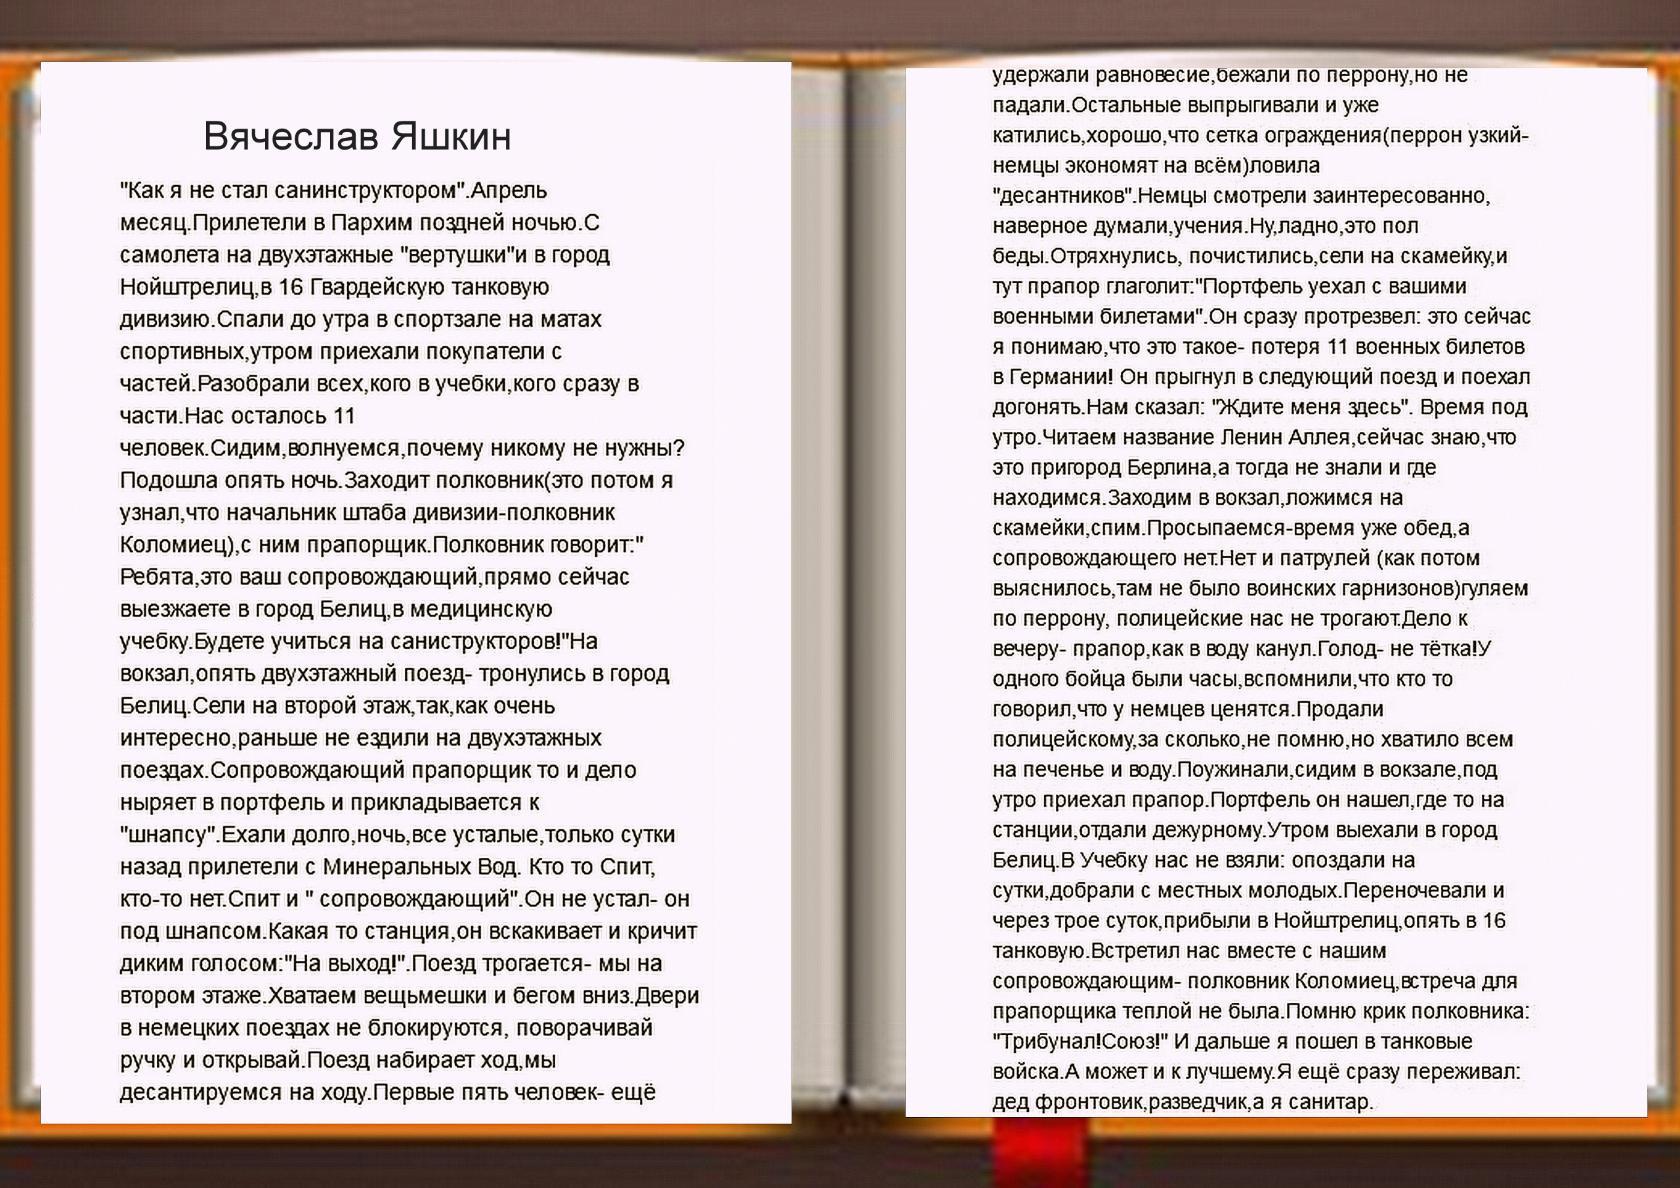 http://s0.uploads.ru/oOdKG.jpg